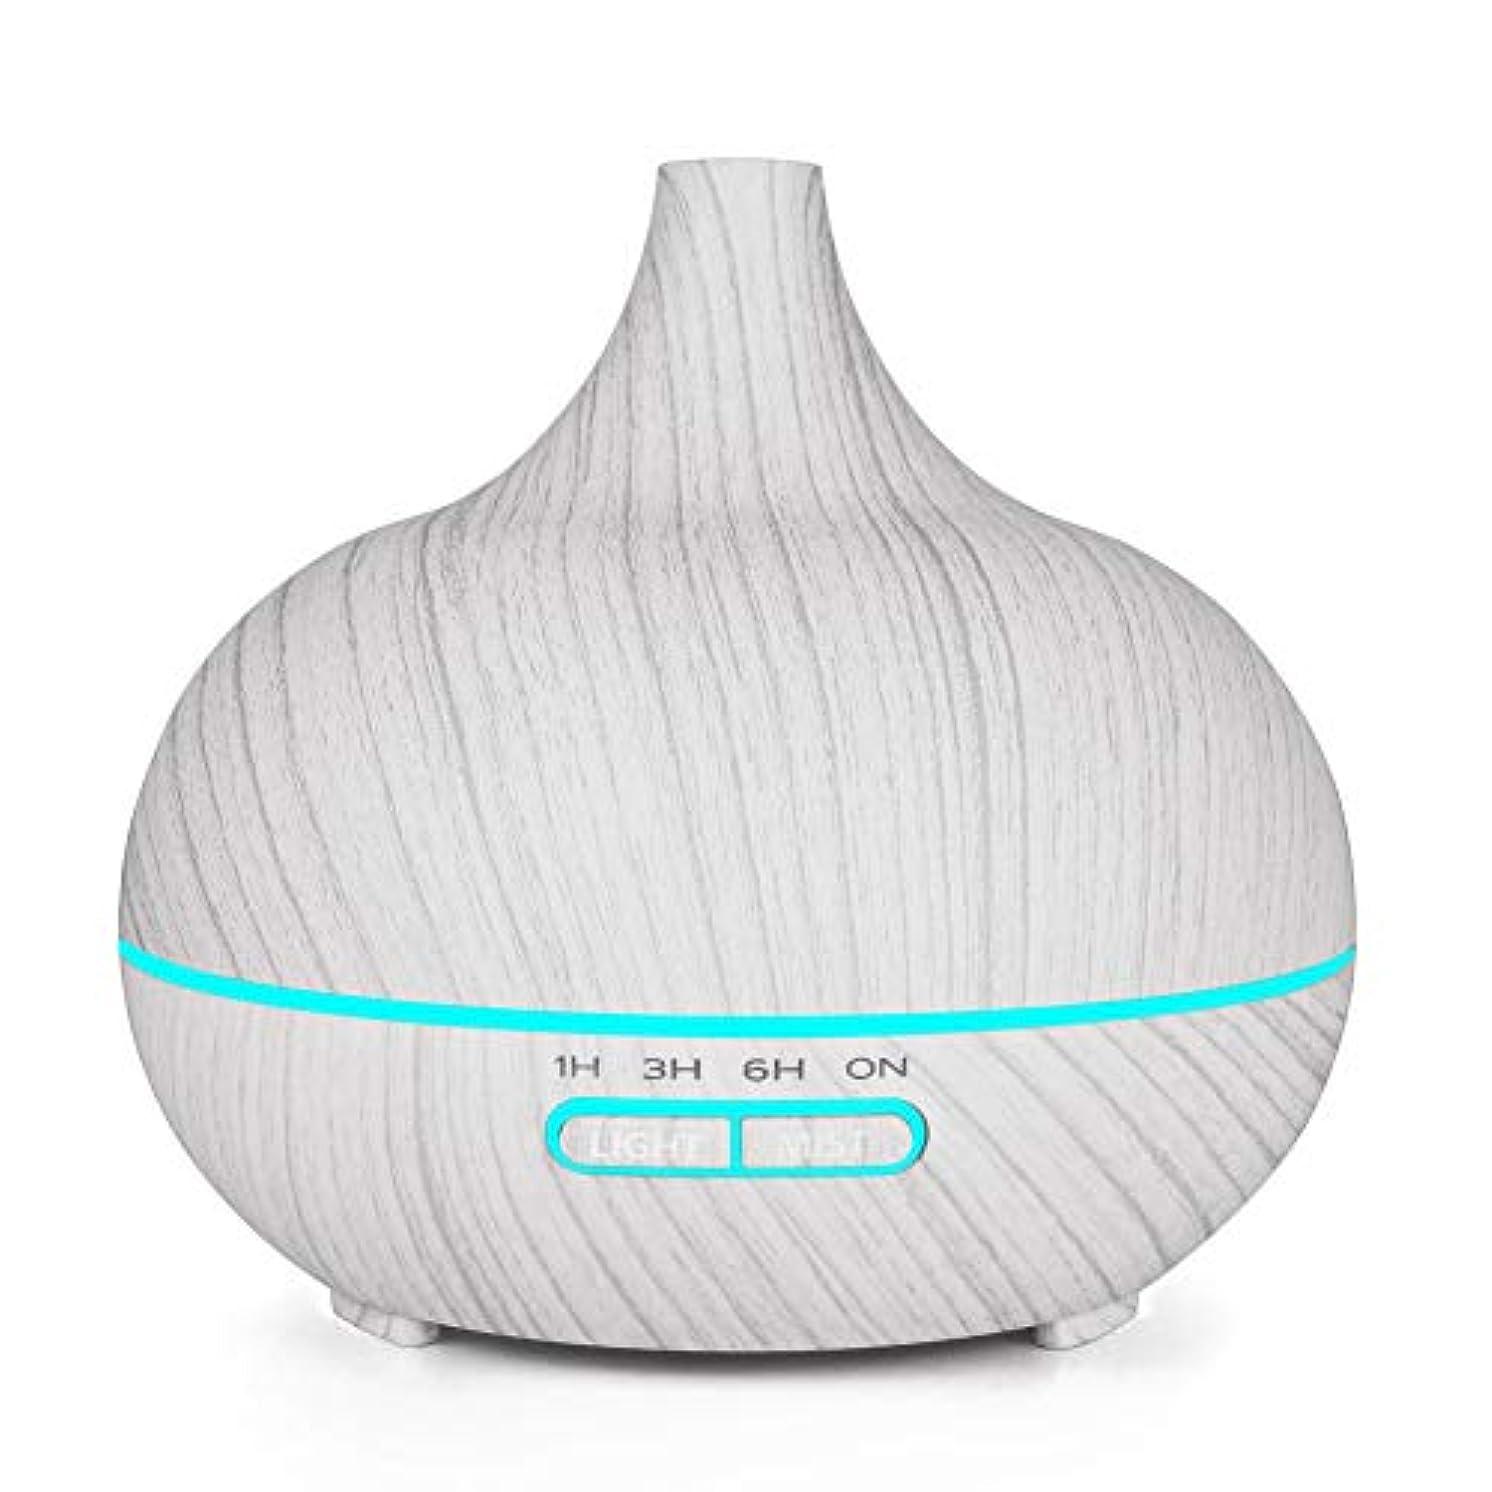 夜明け国歌自分の木目 涼しい霧 加湿器,7 色 空気を浄化 加湿機 時間 手動 香り 精油 ディフューザー アロマネブライザー Yoga ベッド- 400ml